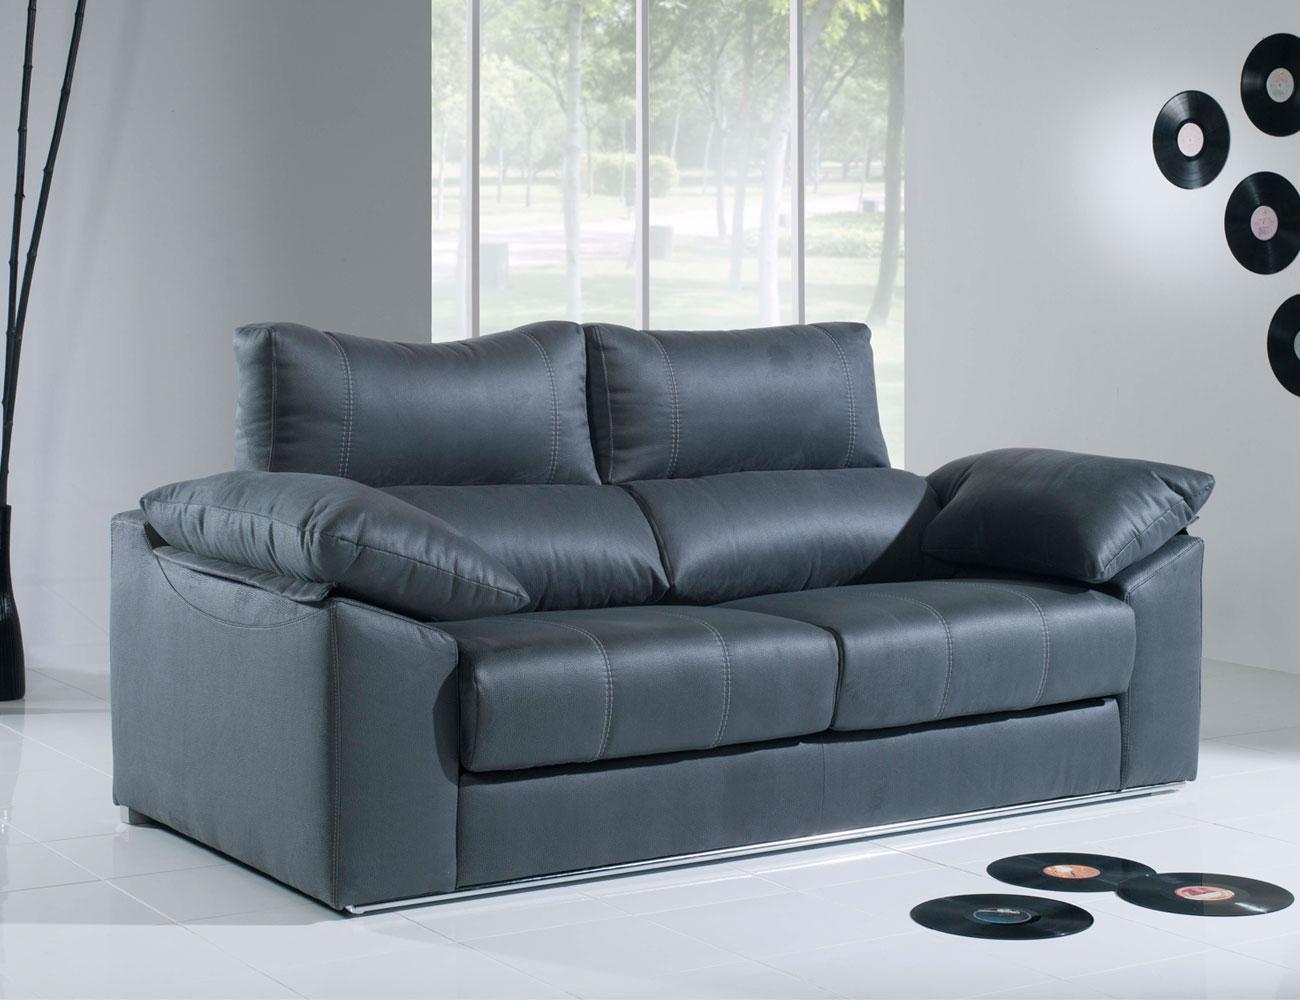 Sofa 3 plazas moderno con barra43